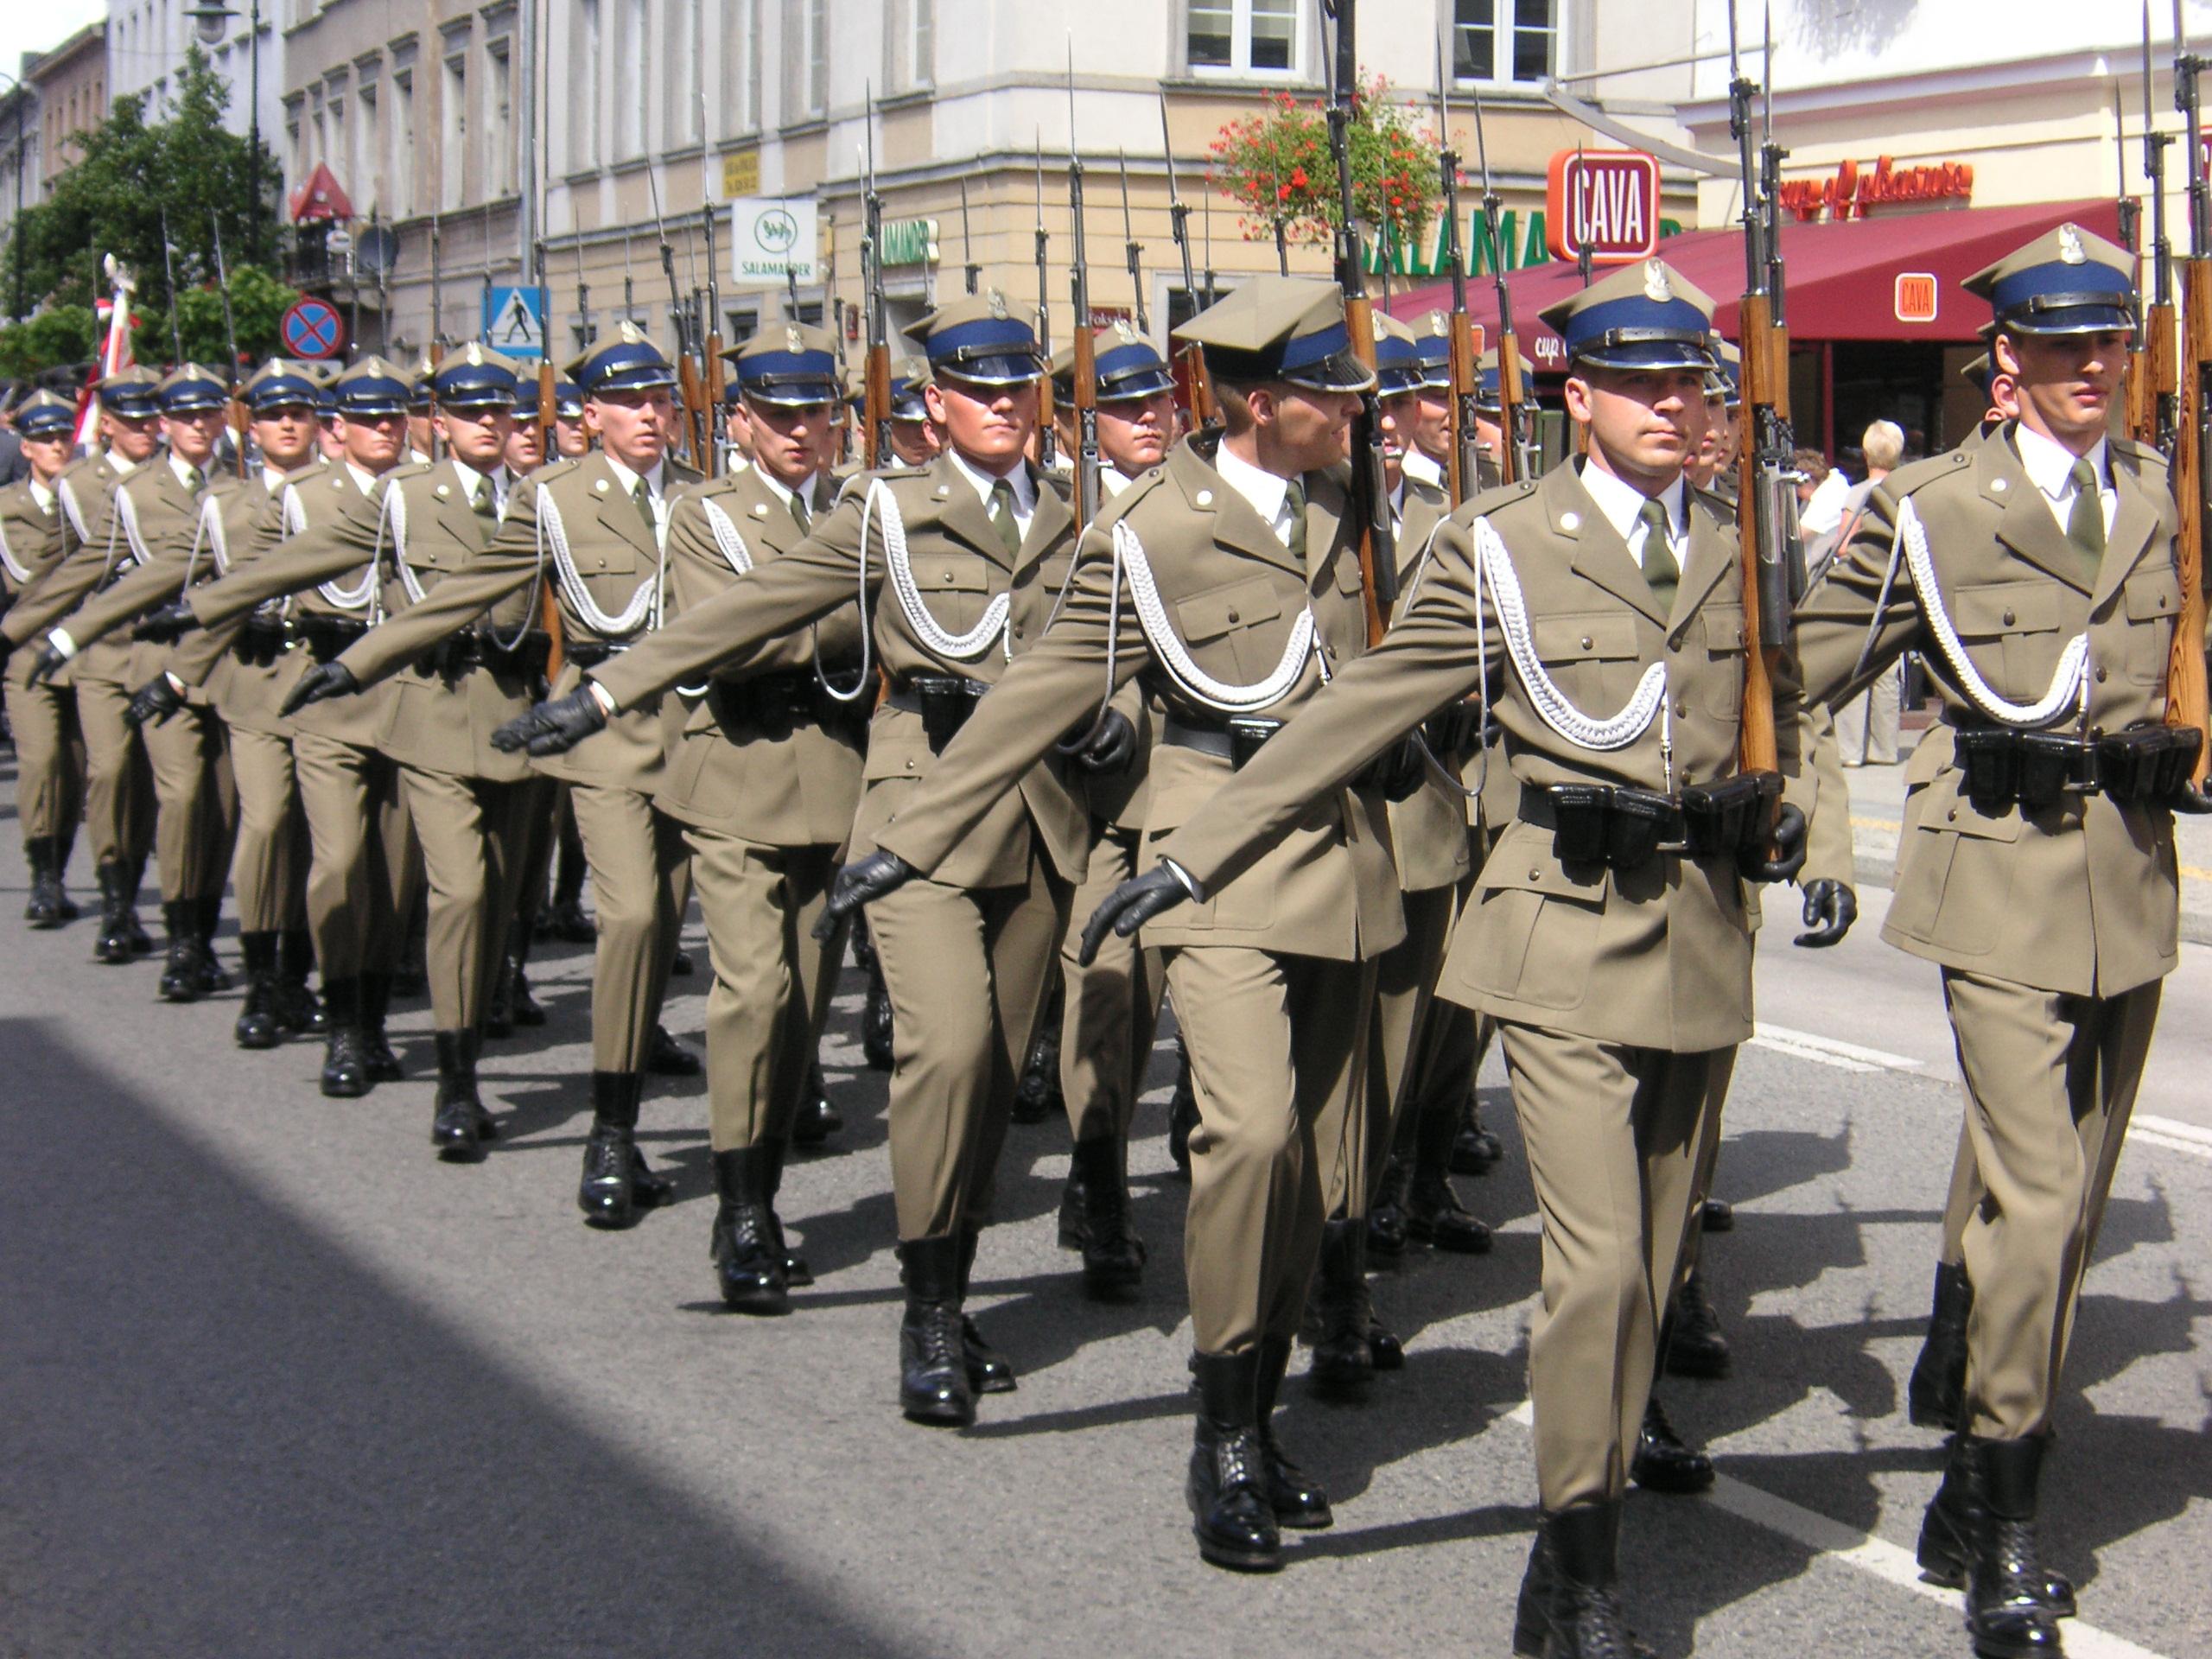 صورة بولونيا تخضع جنود وضباط الاحتياط لتدريبات خاصة سنة 2019